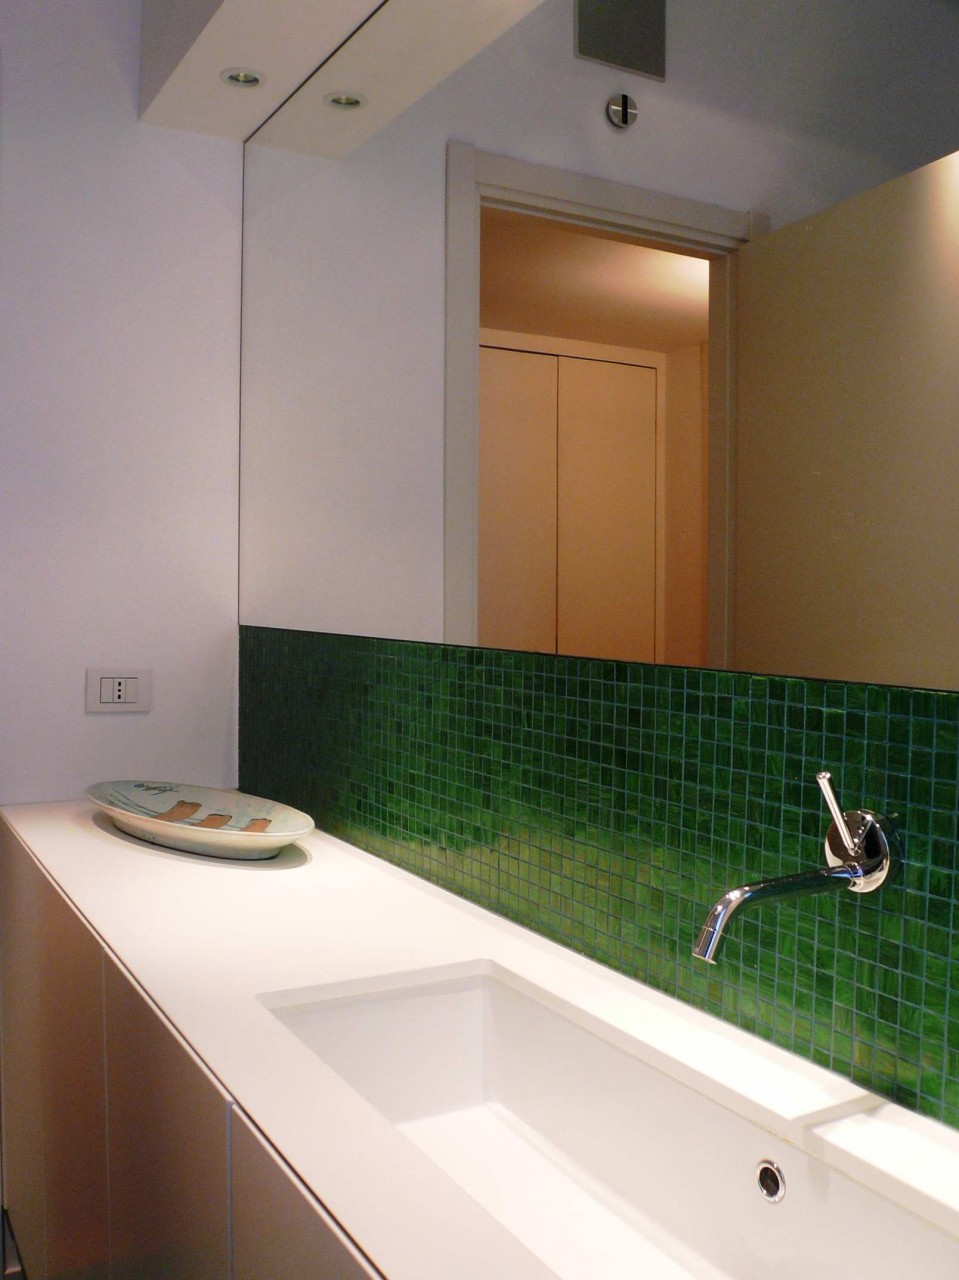 Bagno in mosaico rp ristrutturazioni e arredamenti for Mosaico arredamenti